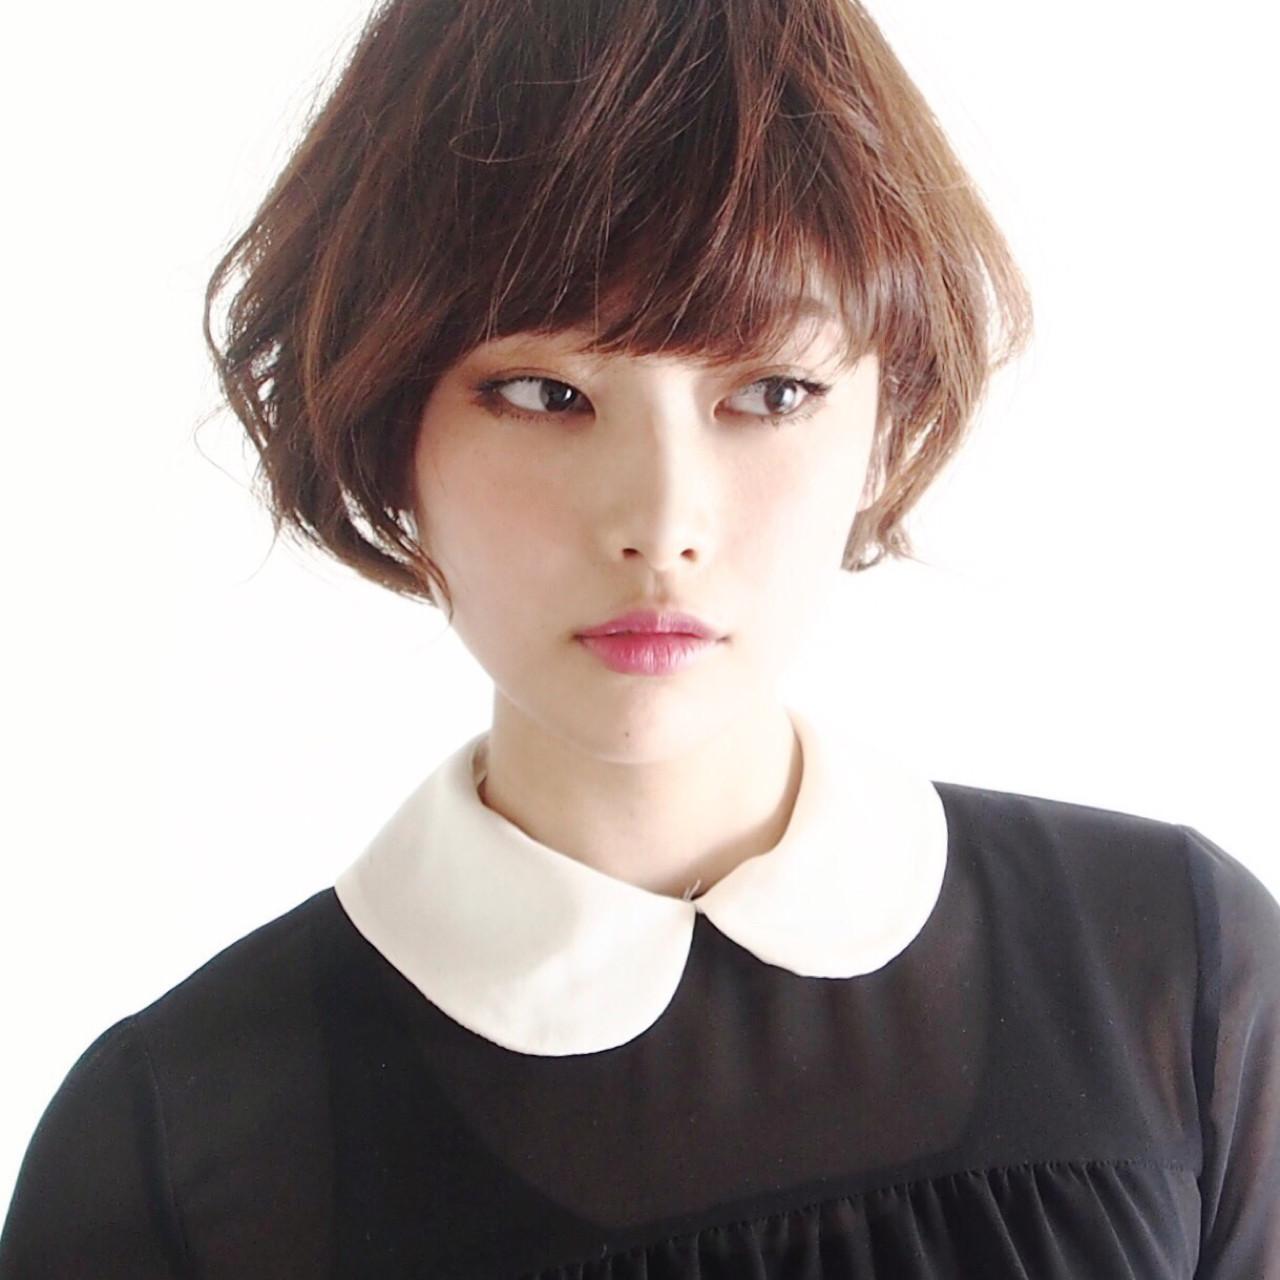 外国人風カラー 小顔 こなれ感 似合わせ ヘアスタイルや髪型の写真・画像